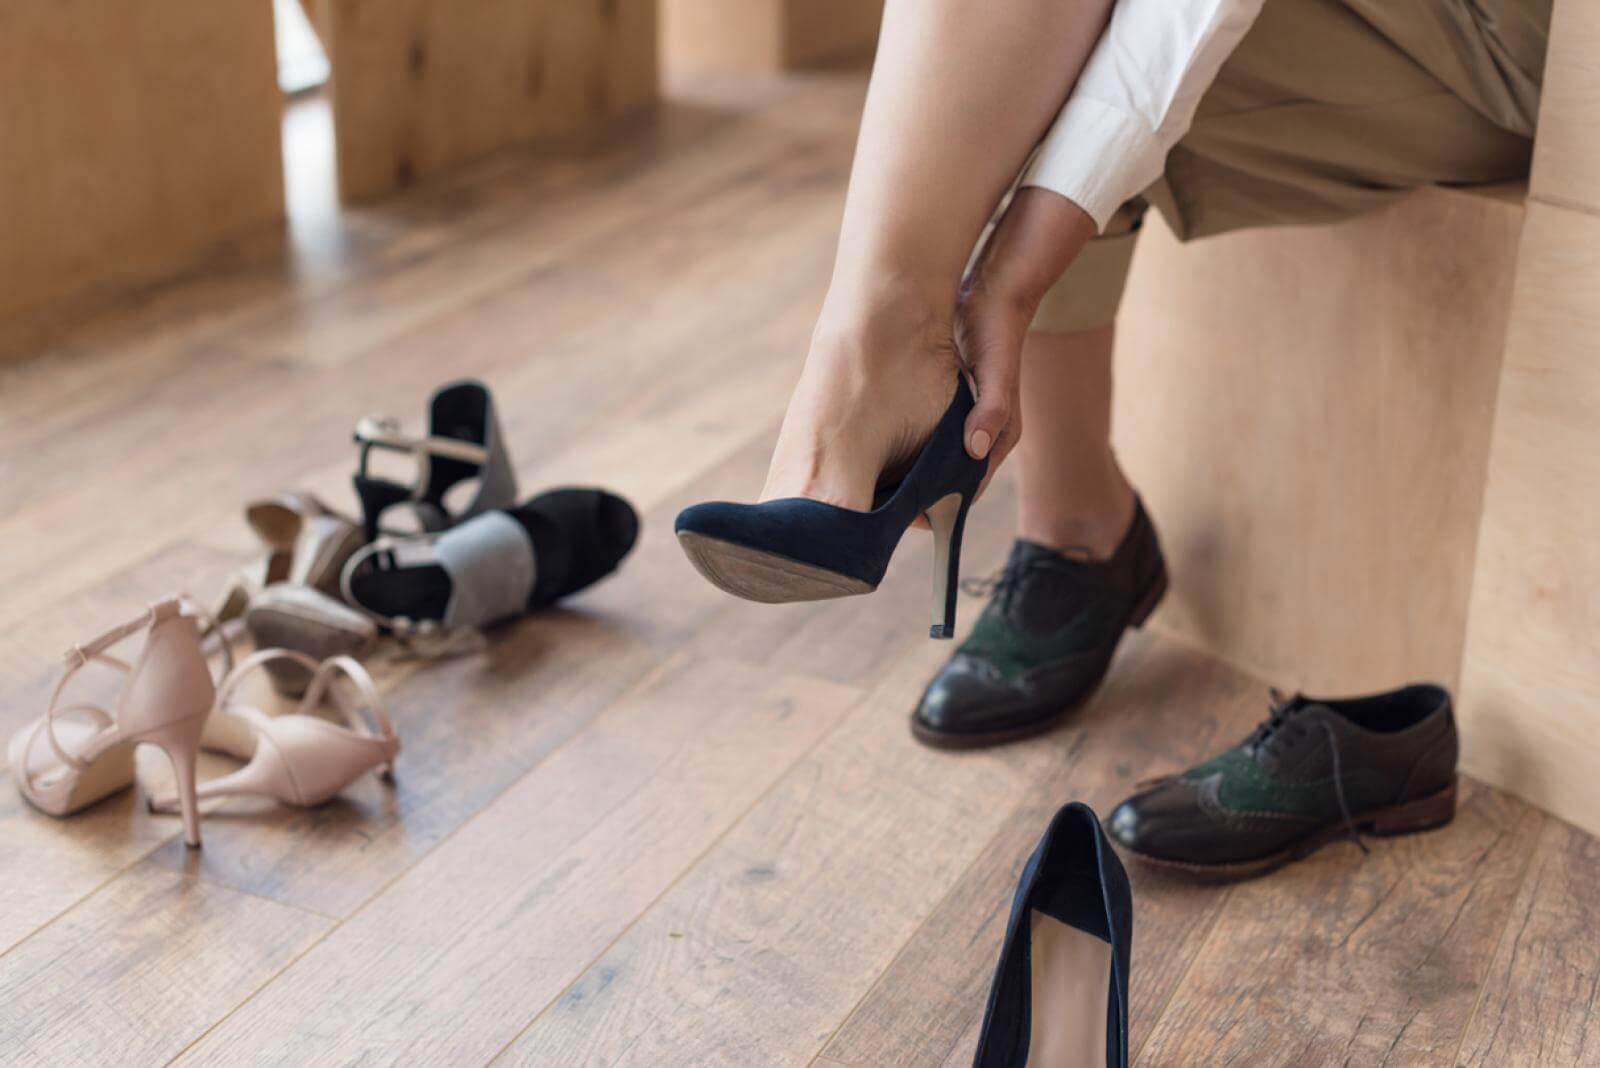 ffd2151253 Bőr cipő tágítása - Mit tegyünk, ha szorít legújabb cipőnk?